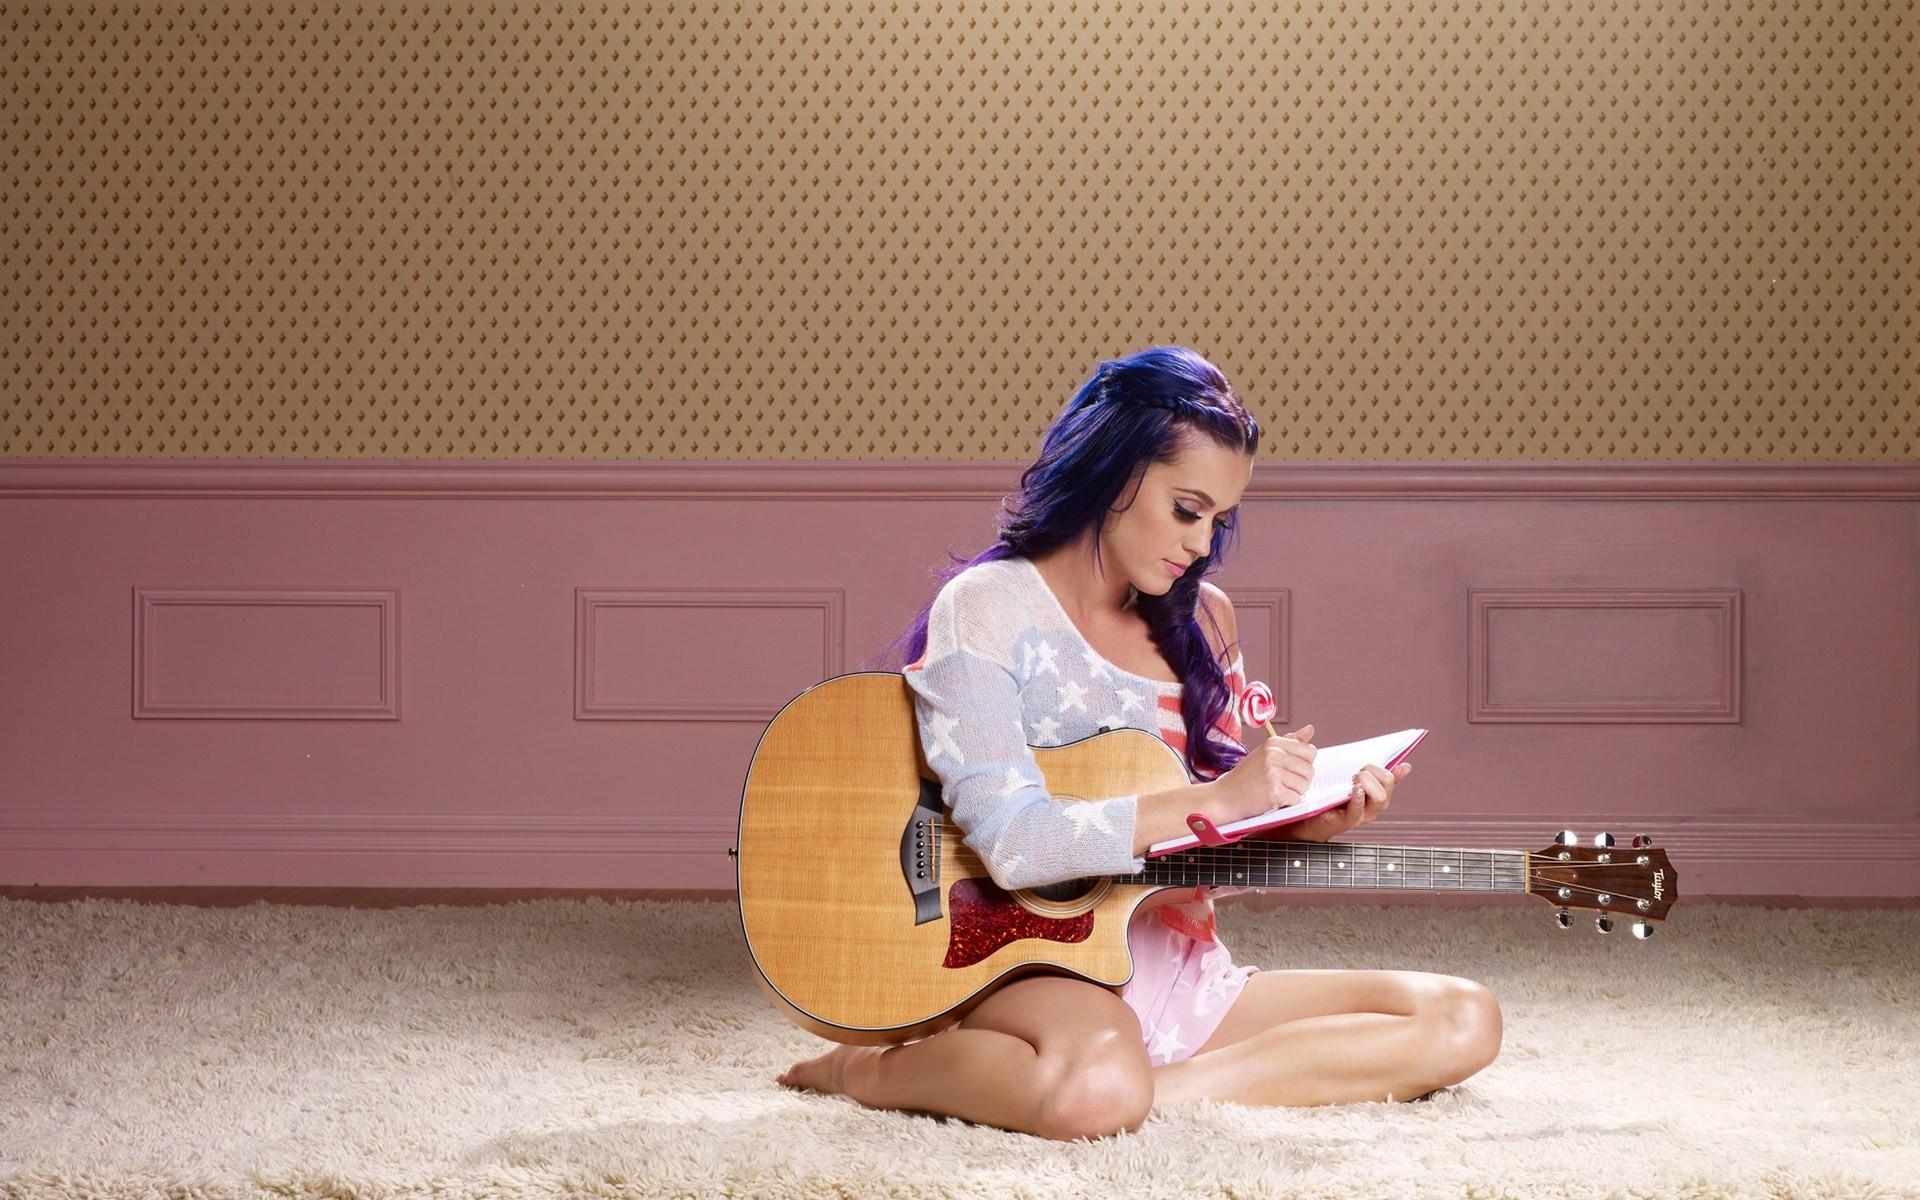 Katy Perry y su guitarra - 1920x1200